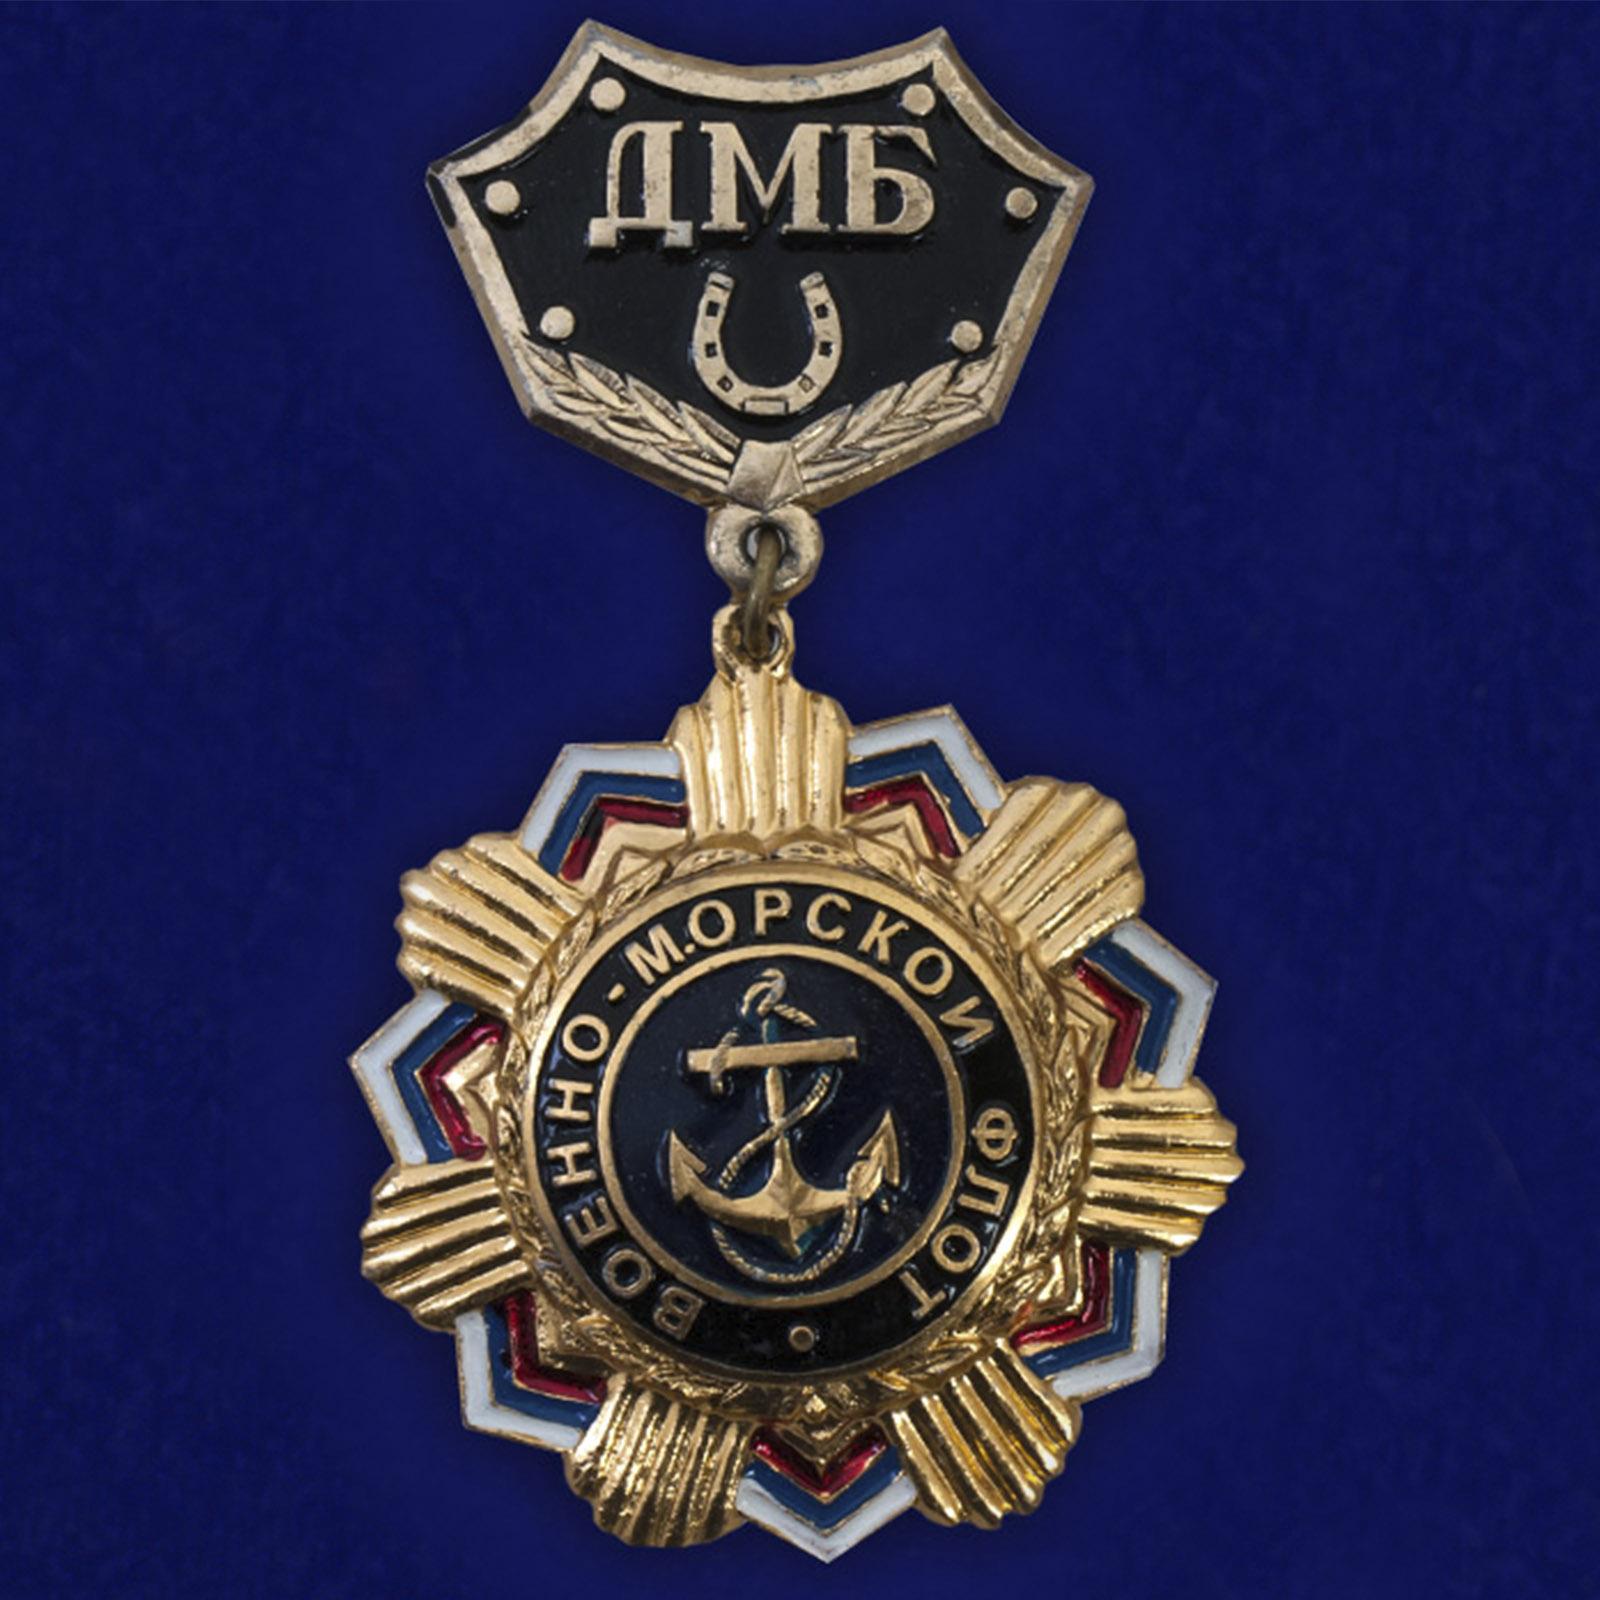 Медаль ДМБ Военно-морской флот